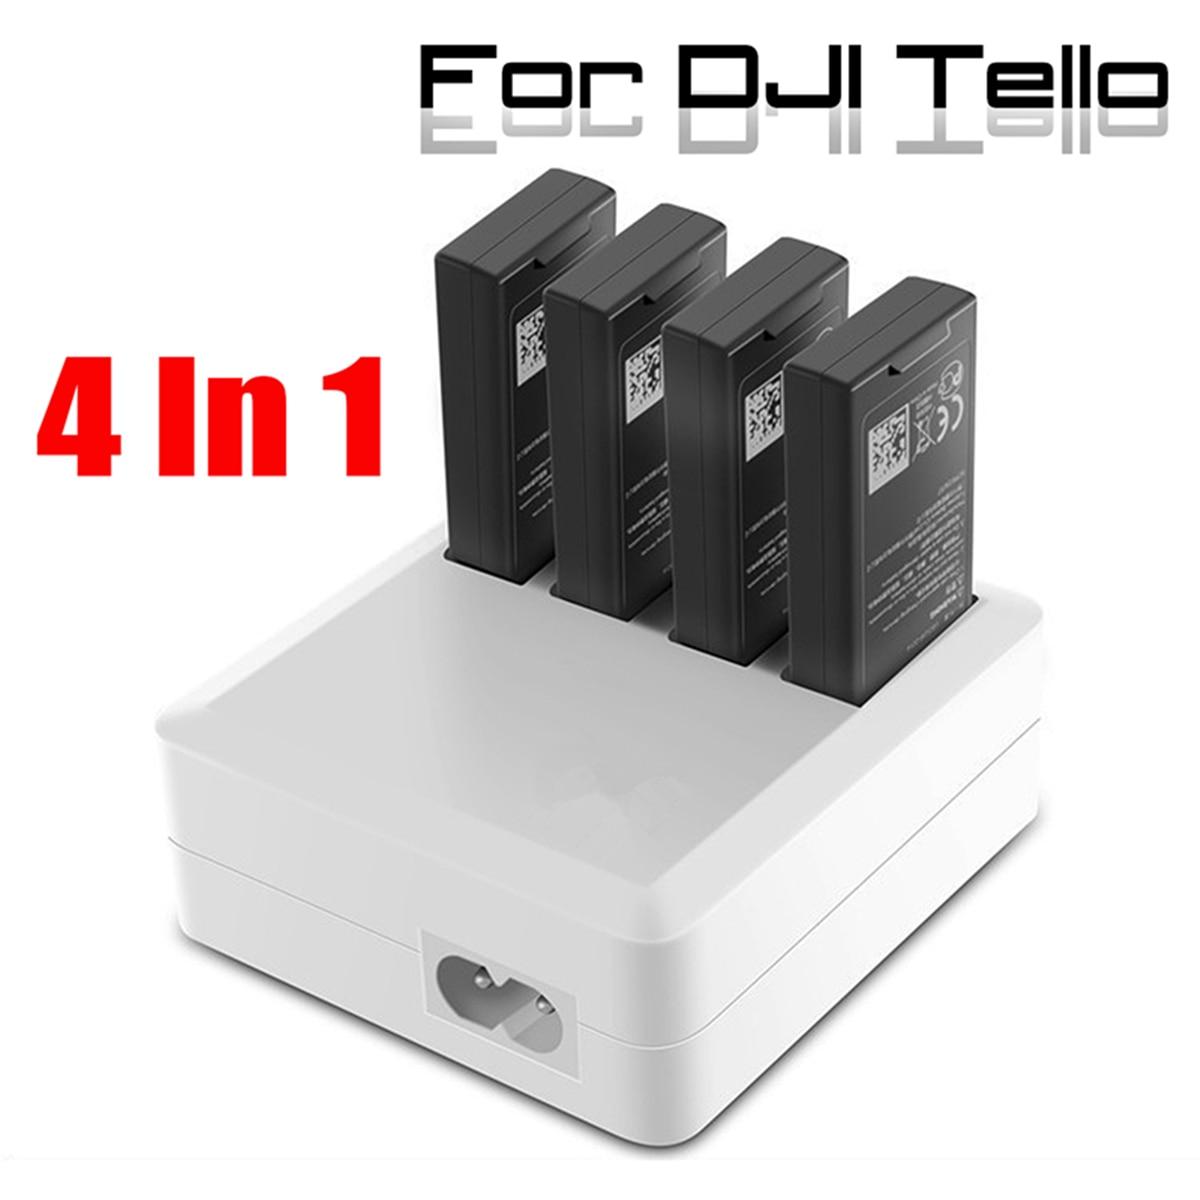 4 In1 Multi Batterie Chargeur Hub RC Intelligente De Charge Rapide pour DJI Tello Drone US Plug Caméra Drones Accessoires